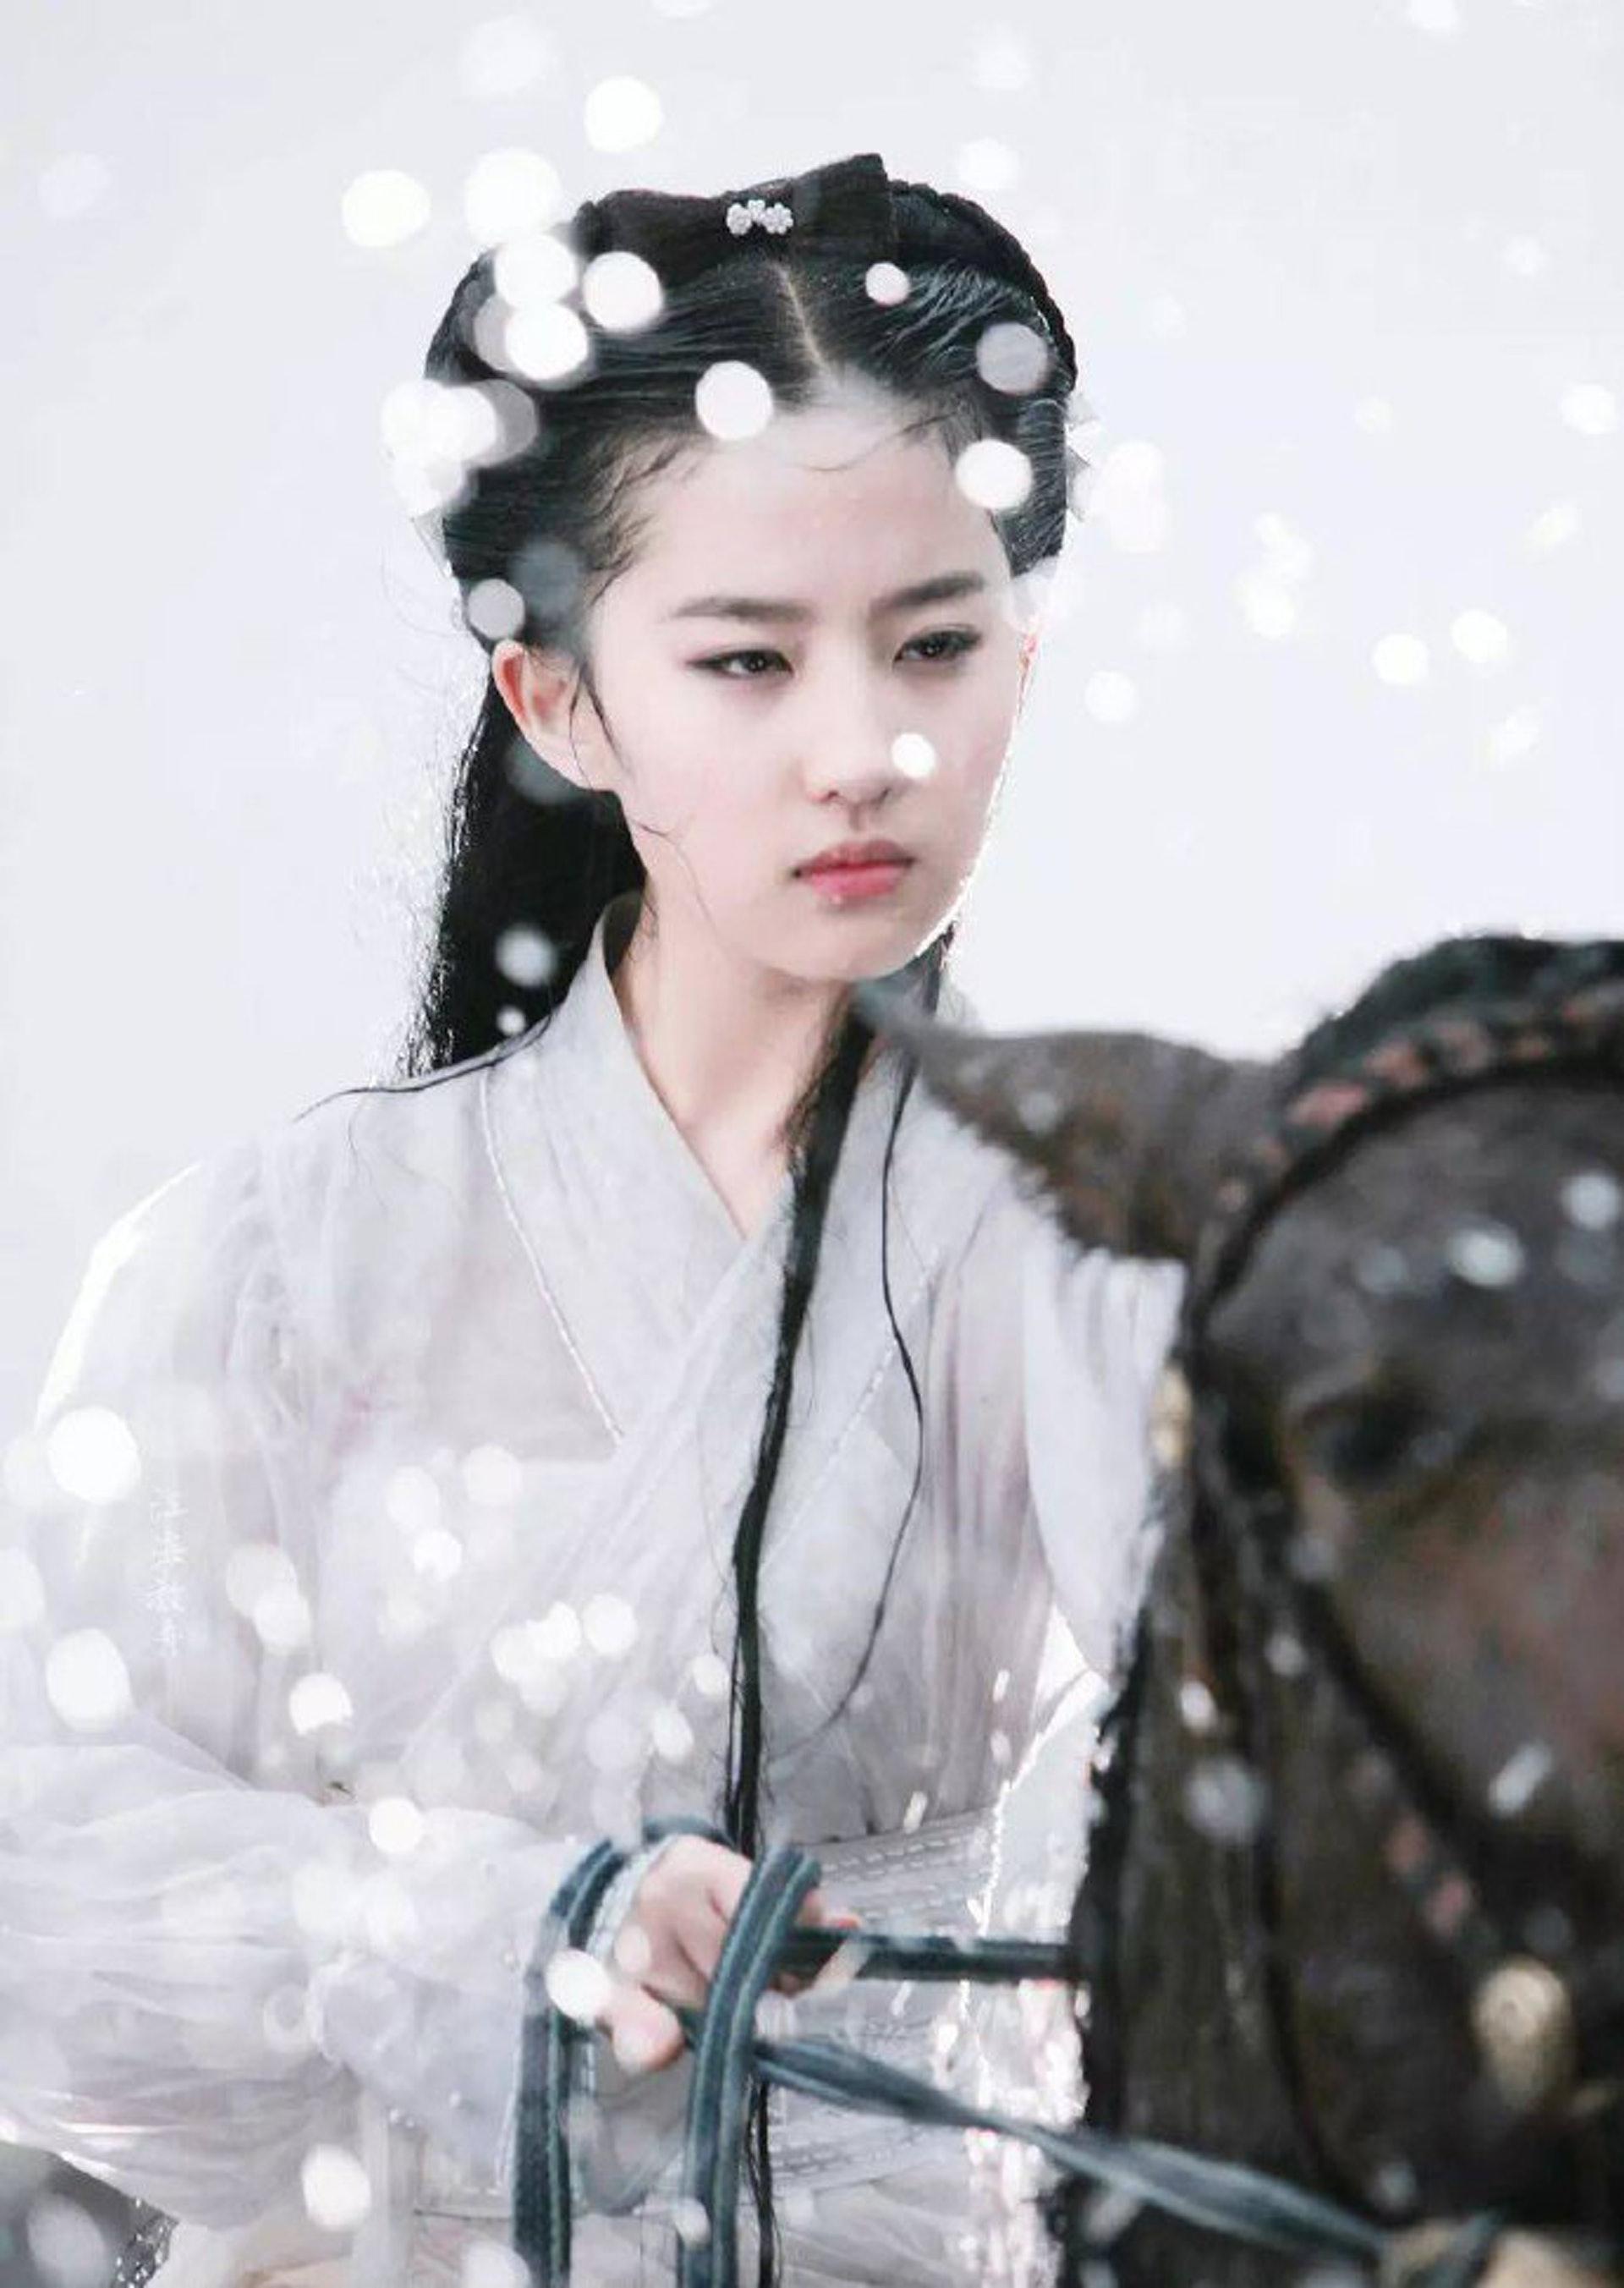 有不少網民表示劉亦菲的版本很難超越。(網上圖片)